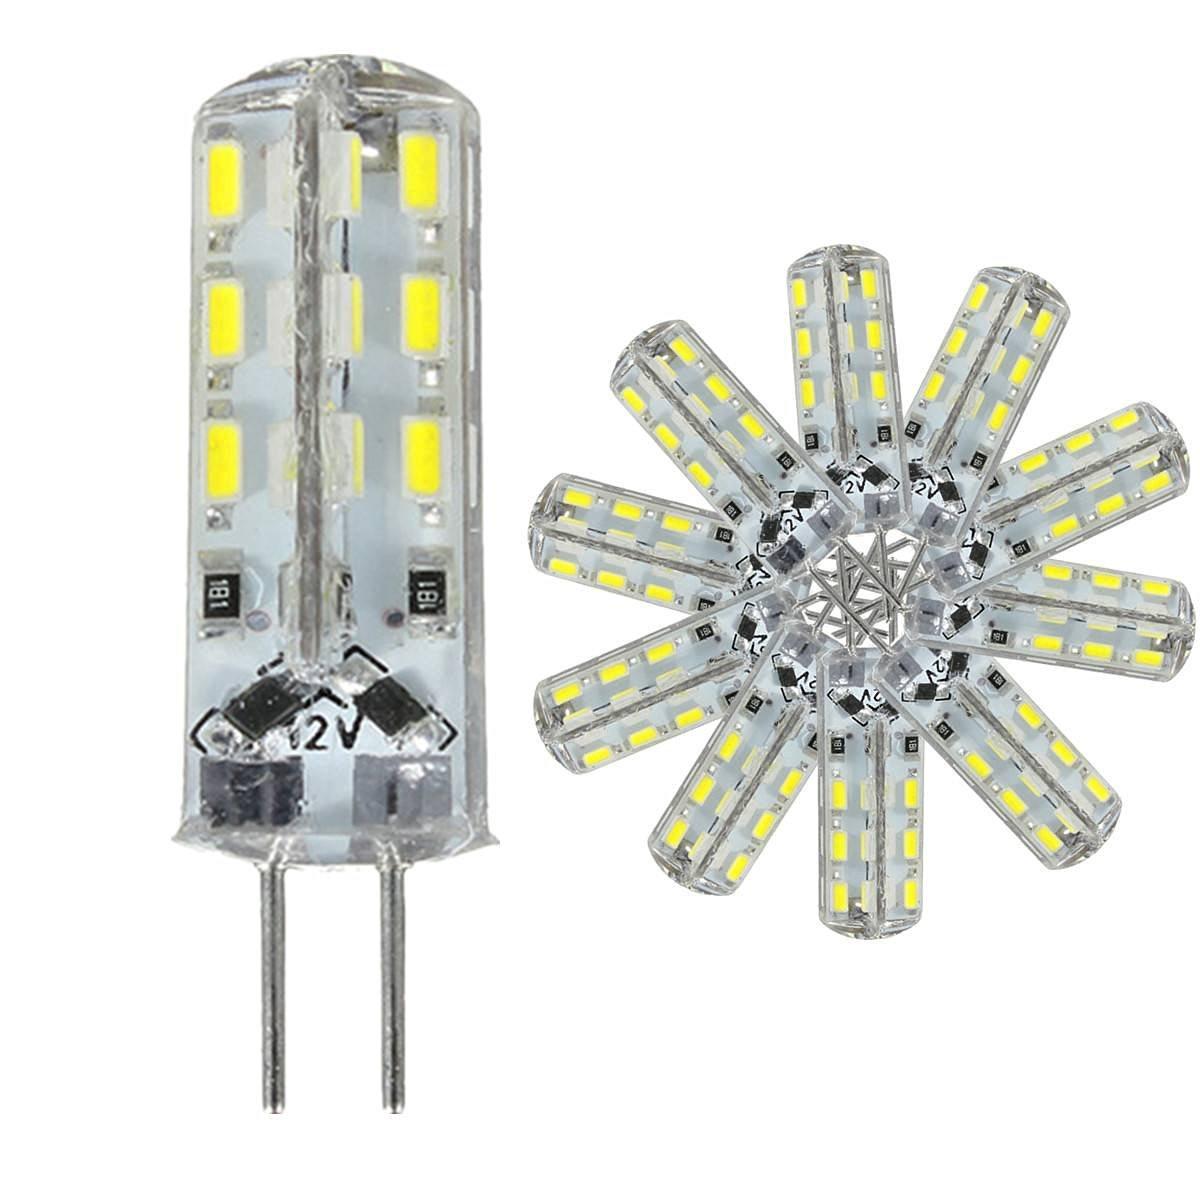 Halco LED JC 1.5W 10-18V 3000K G4 Set of 10